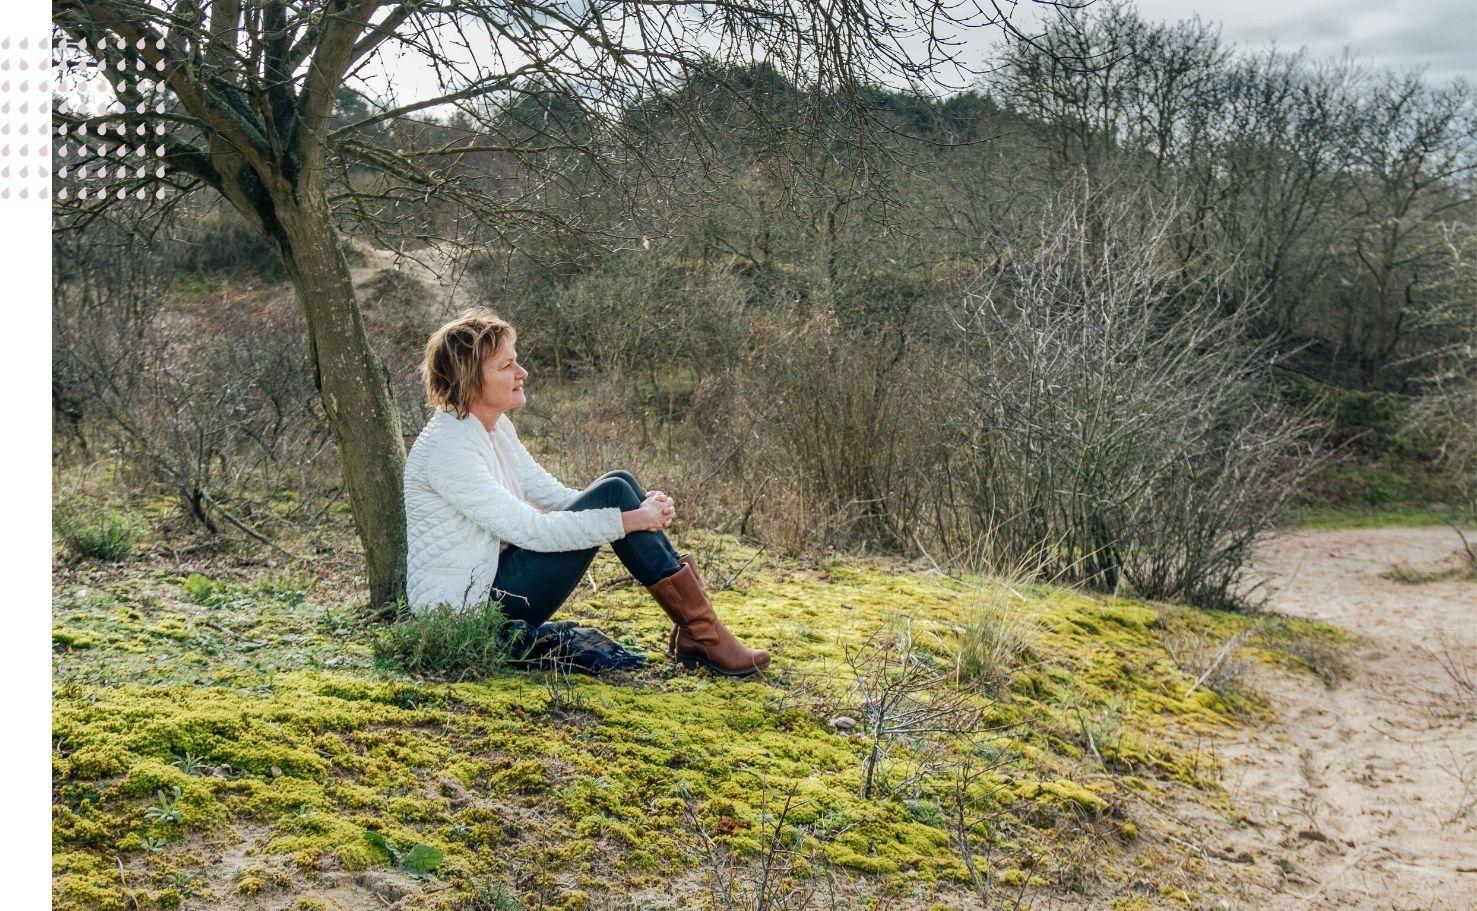 Vanuit de stilte - Ontdek onthaast en herstel - Conny Rijlaarsdam - Mijn verhaal de stilte en ik - Het ontstaan van vanuit de stilte